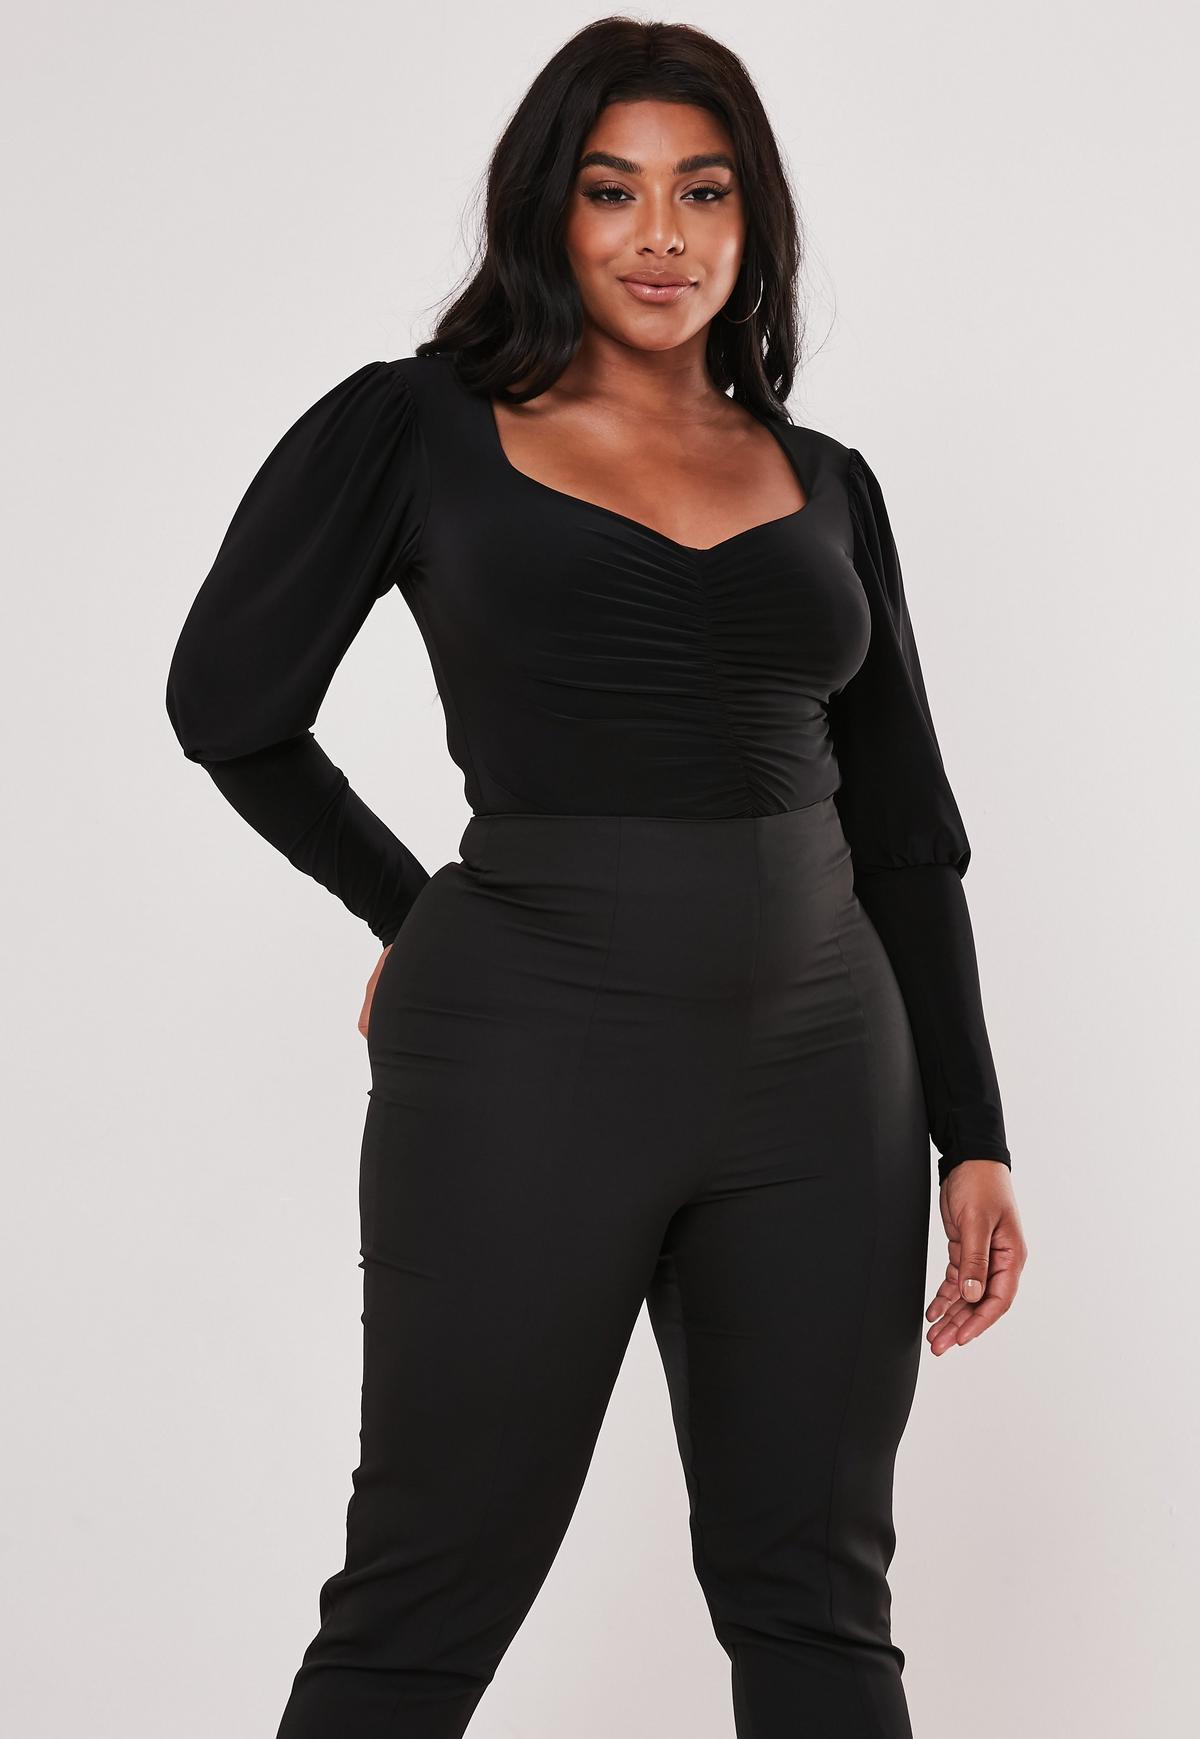 Moda   WING BLACK koszulowe body plus size